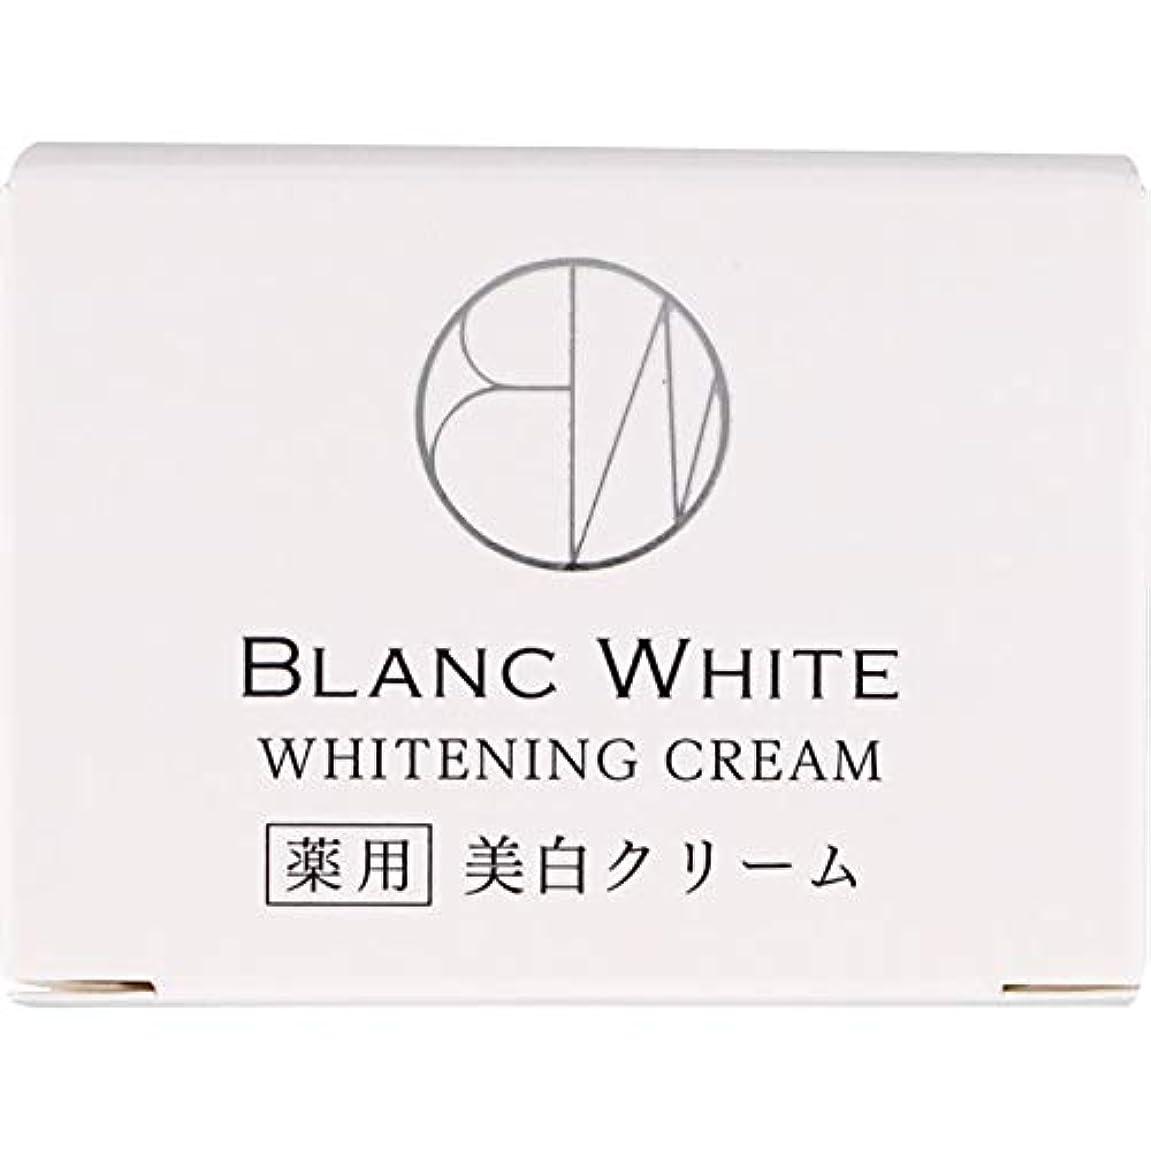 開梱正しくフィードオンブランホワイト ホワイトニング クリーム 45g